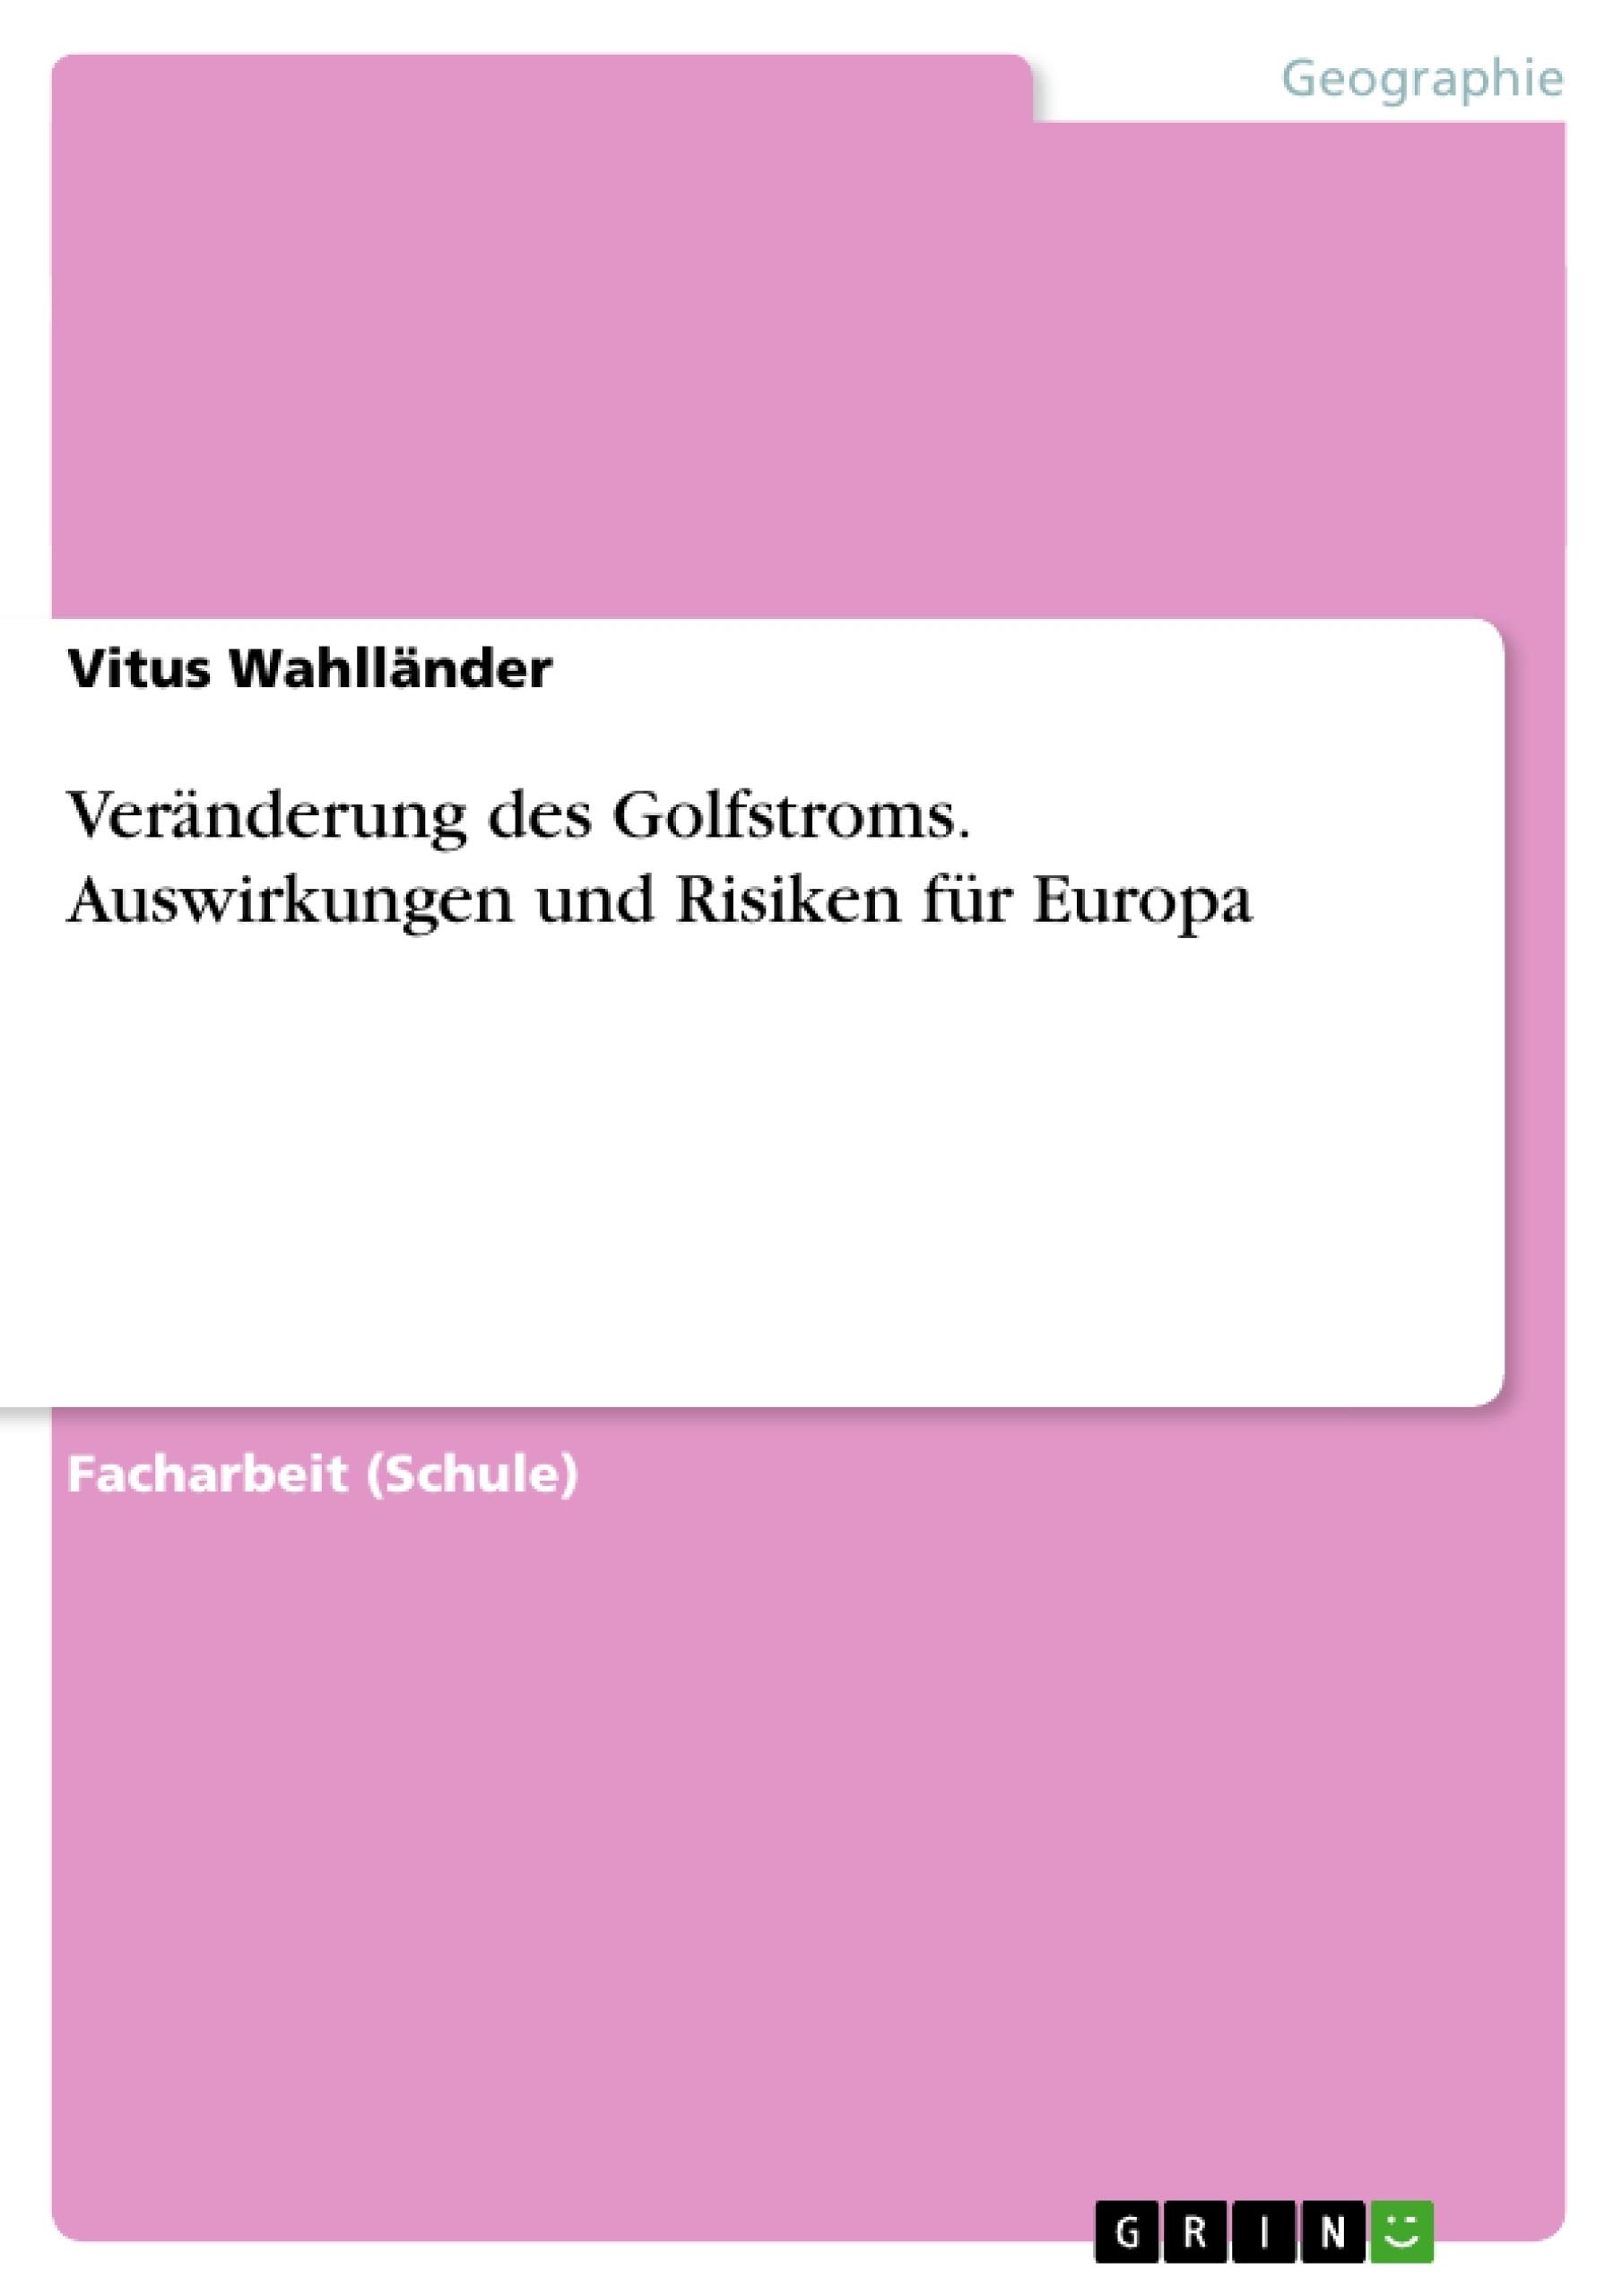 Titel: Veränderung des Golfstroms. Auswirkungen und Risiken für Europa